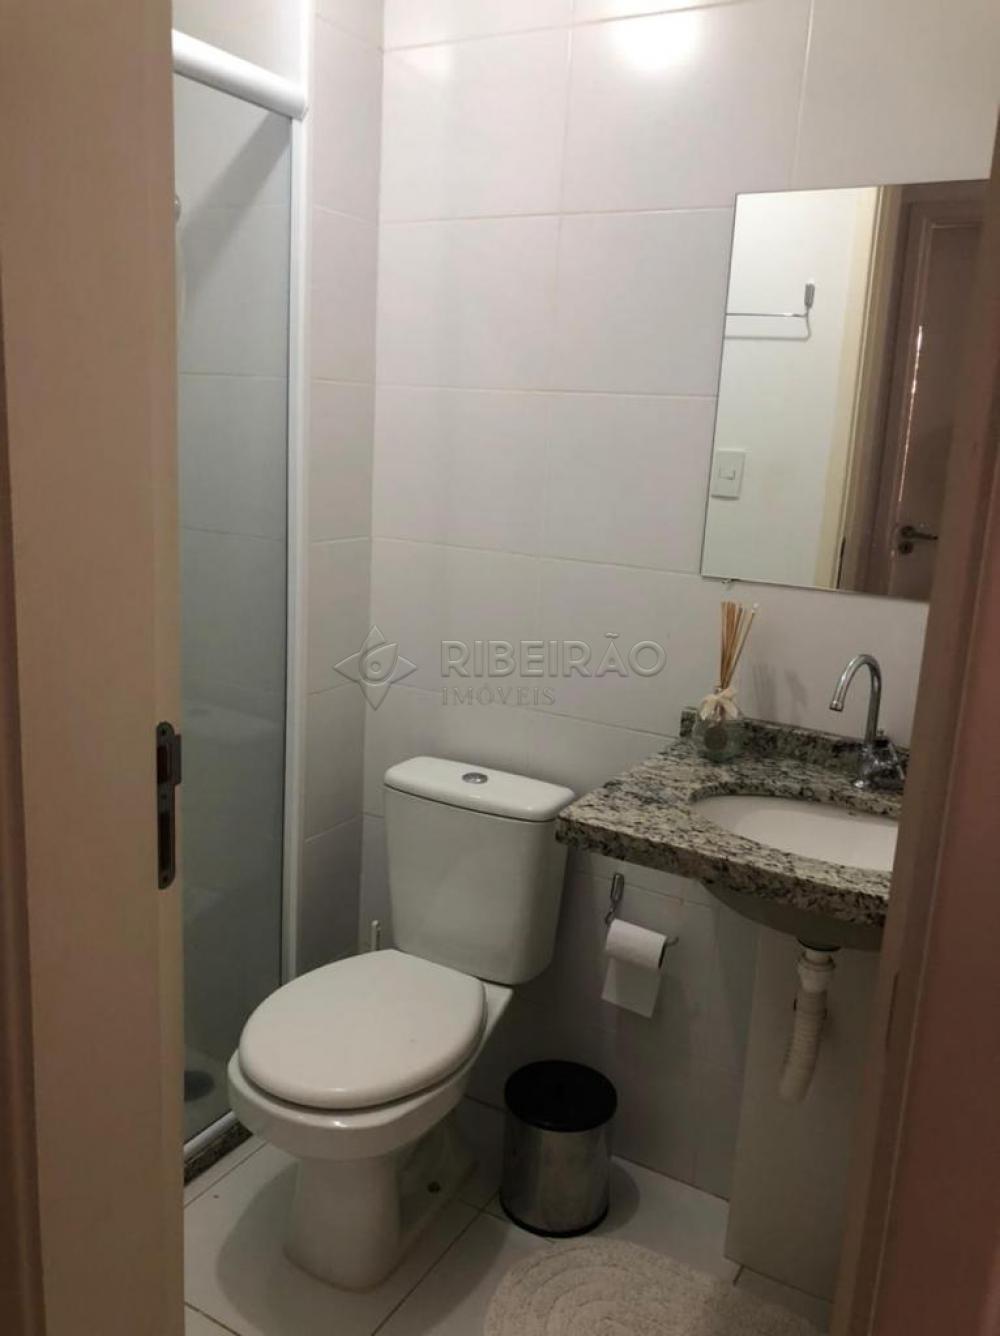 Comprar Apartamento / Padrão em Ribeirão Preto R$ 260.000,00 - Foto 5